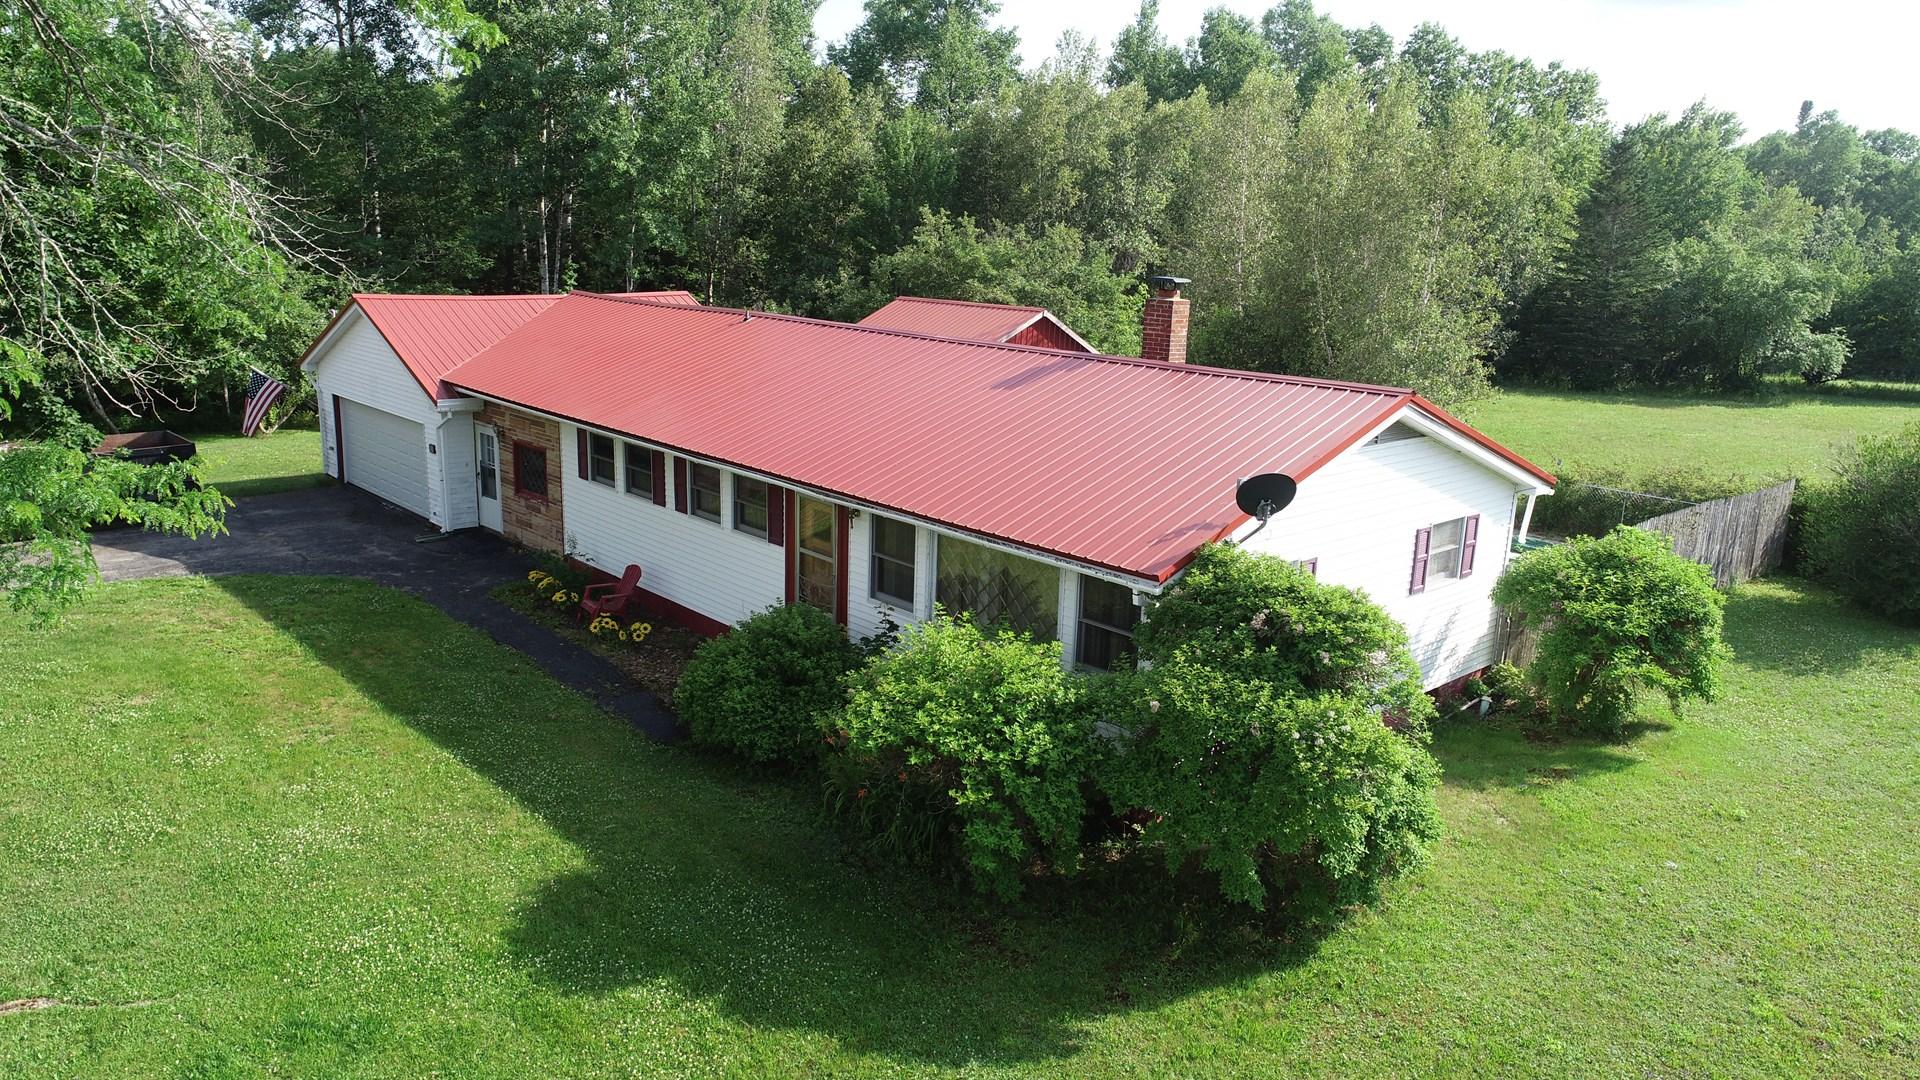 Home for sale in Mattawamkeag, Maine